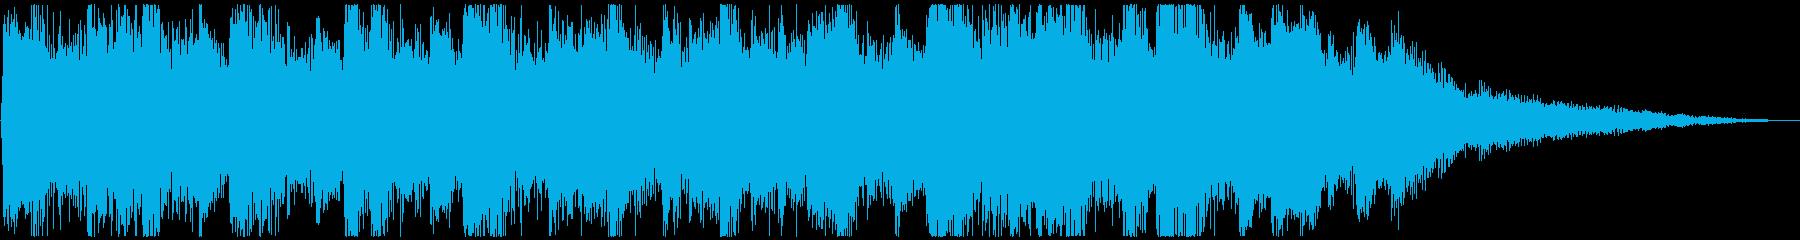 せつない感じの ピアノ&ストリングスの再生済みの波形